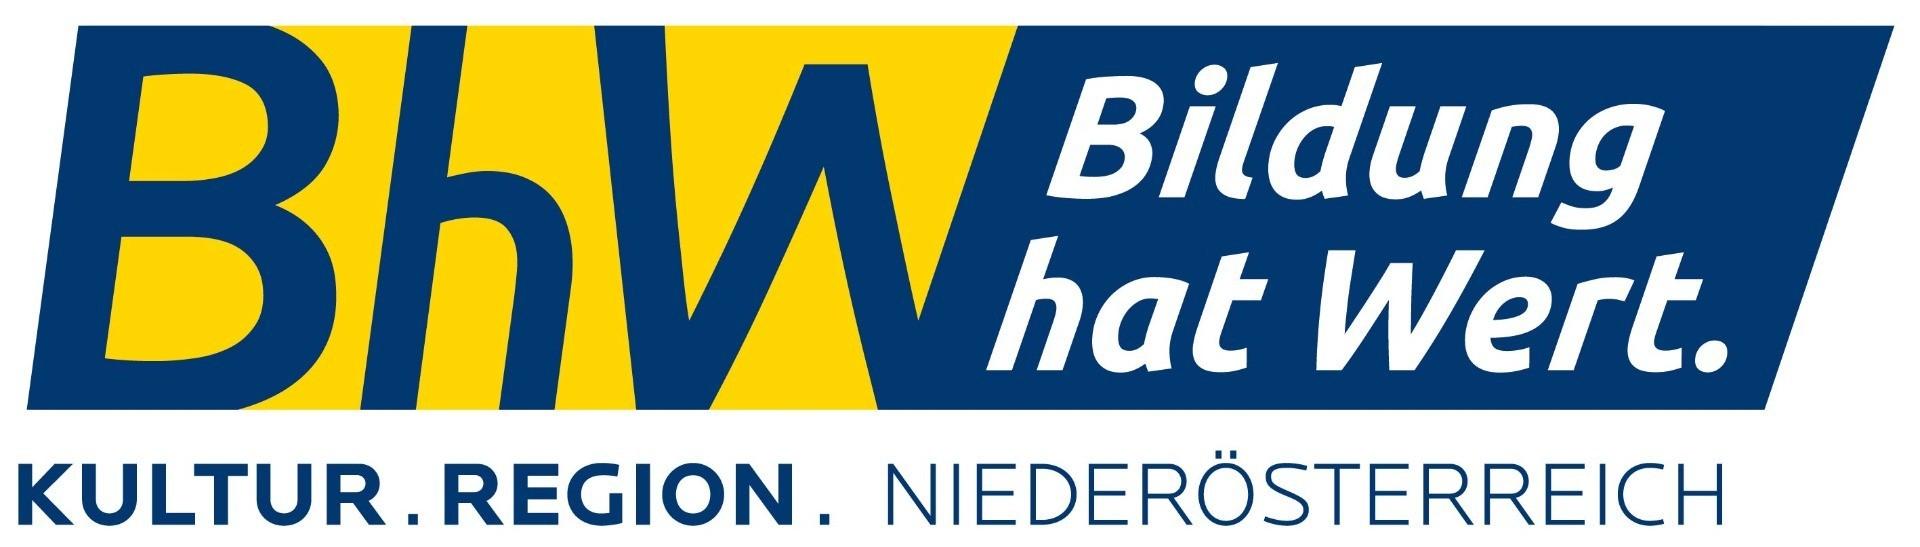 BhW_Logo_2019_RGB.jpg